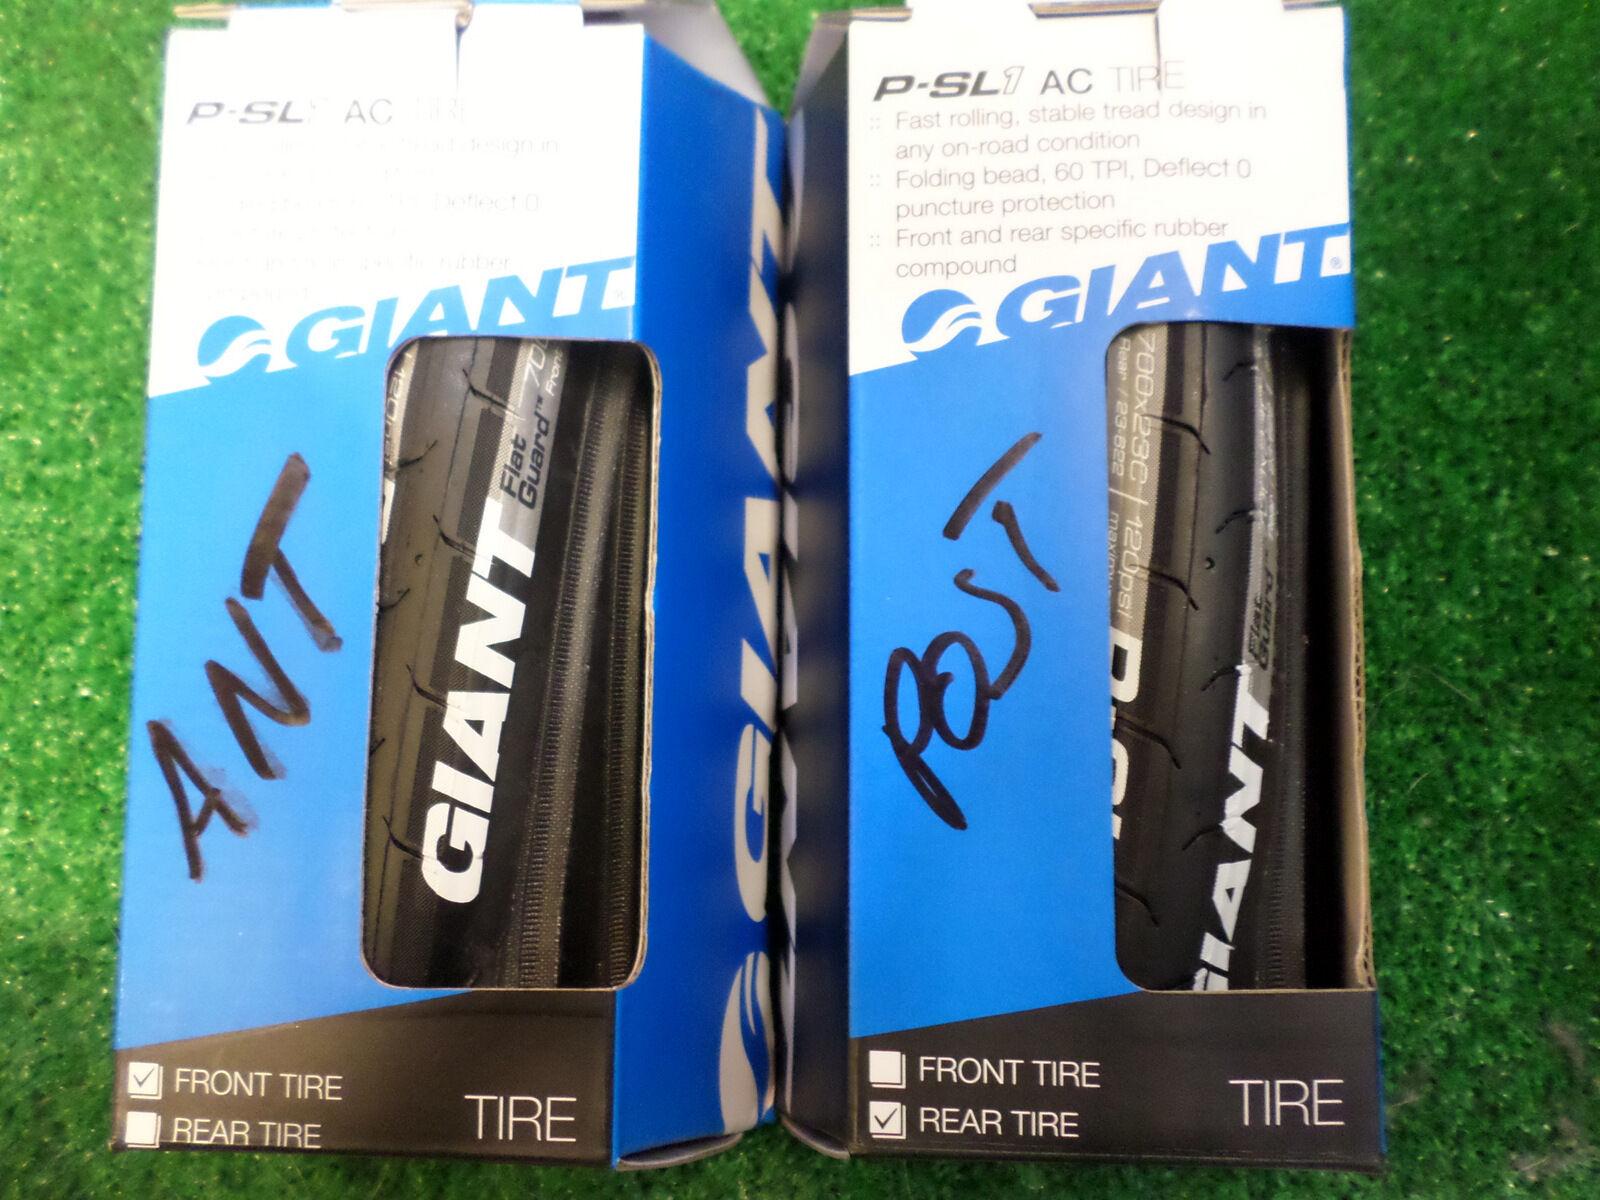 GIANT copertone front front front rear bici bike tire tyre P-SLR 1 AC copertura 700 x 23 5f9181